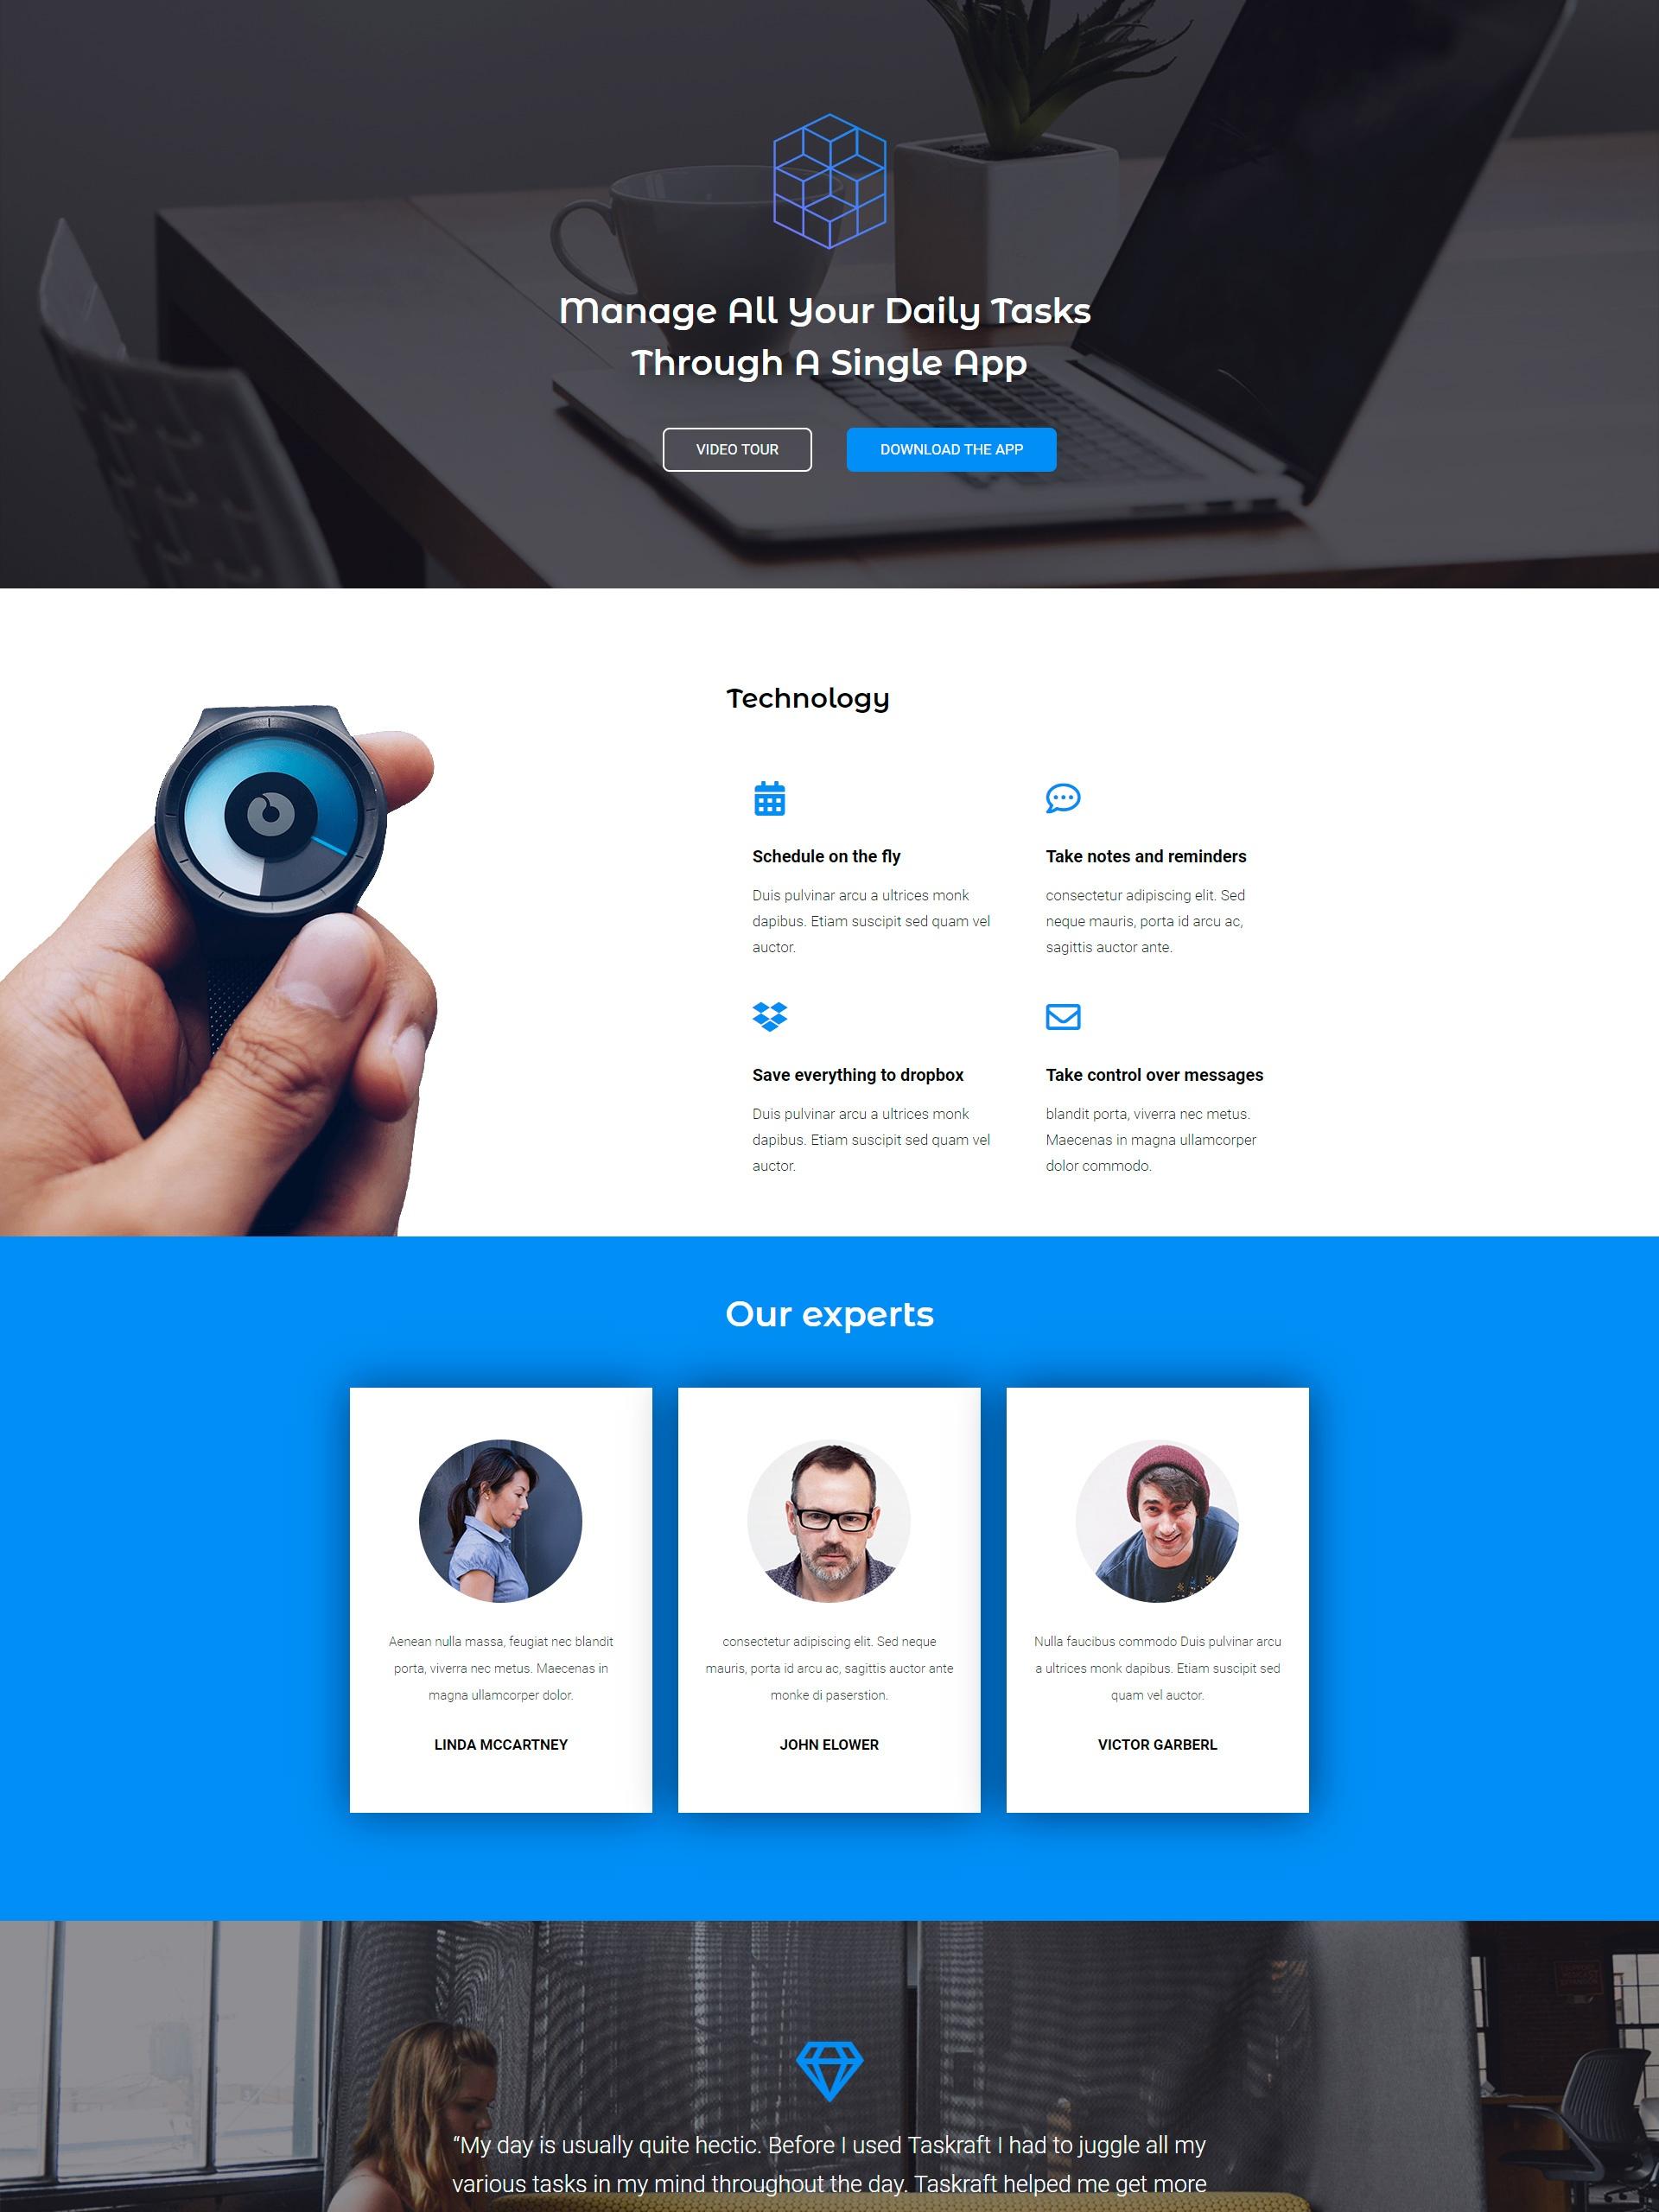 article-blog-elementor-demo6-bellvision-esn-informatique-entreprise-services-distribution-web-cloud-saint-nazaire